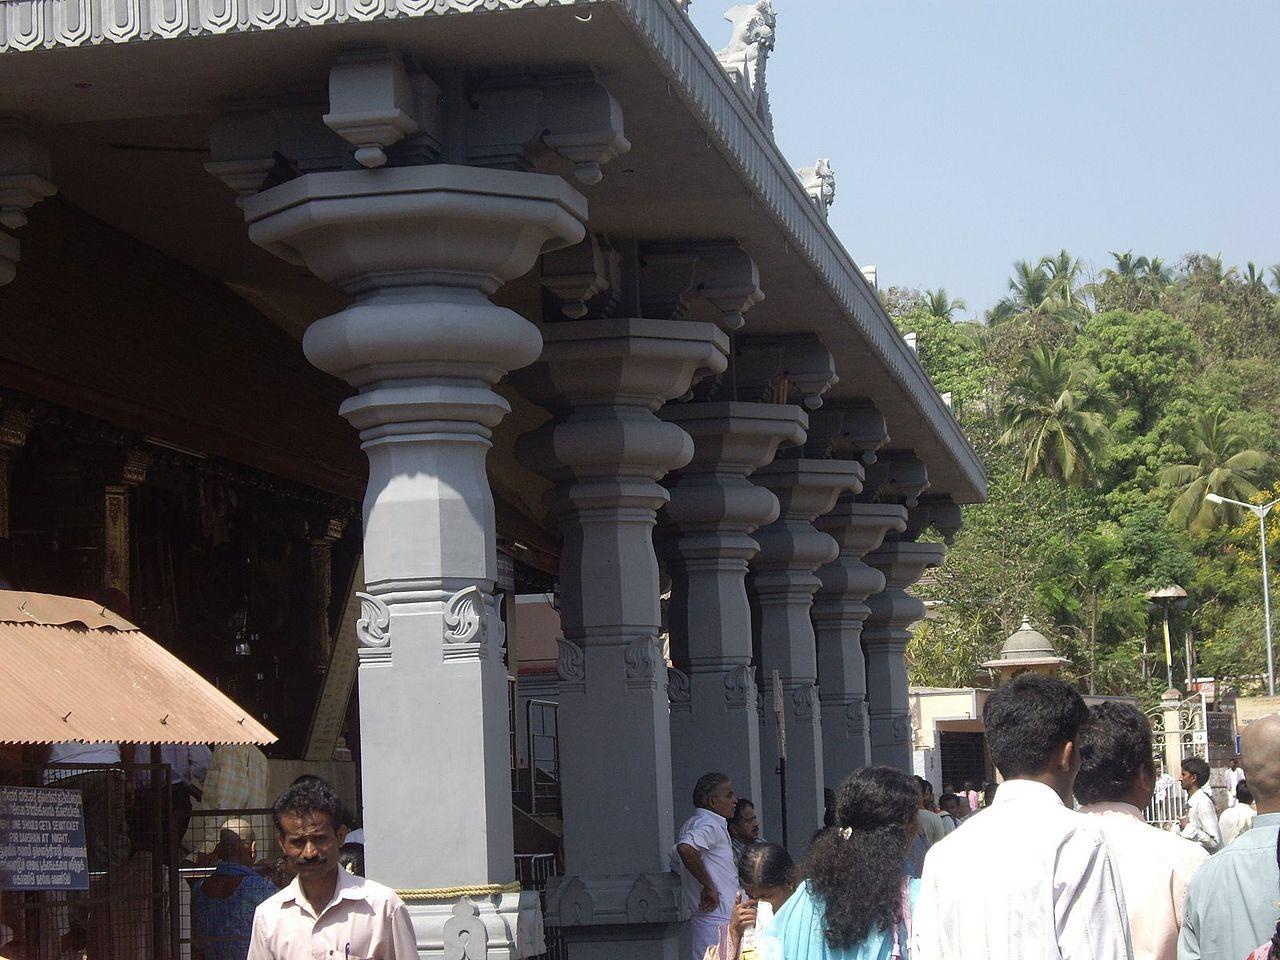 Visit the Dharmasthala Temple in Dakshina Kannada, Karnataka